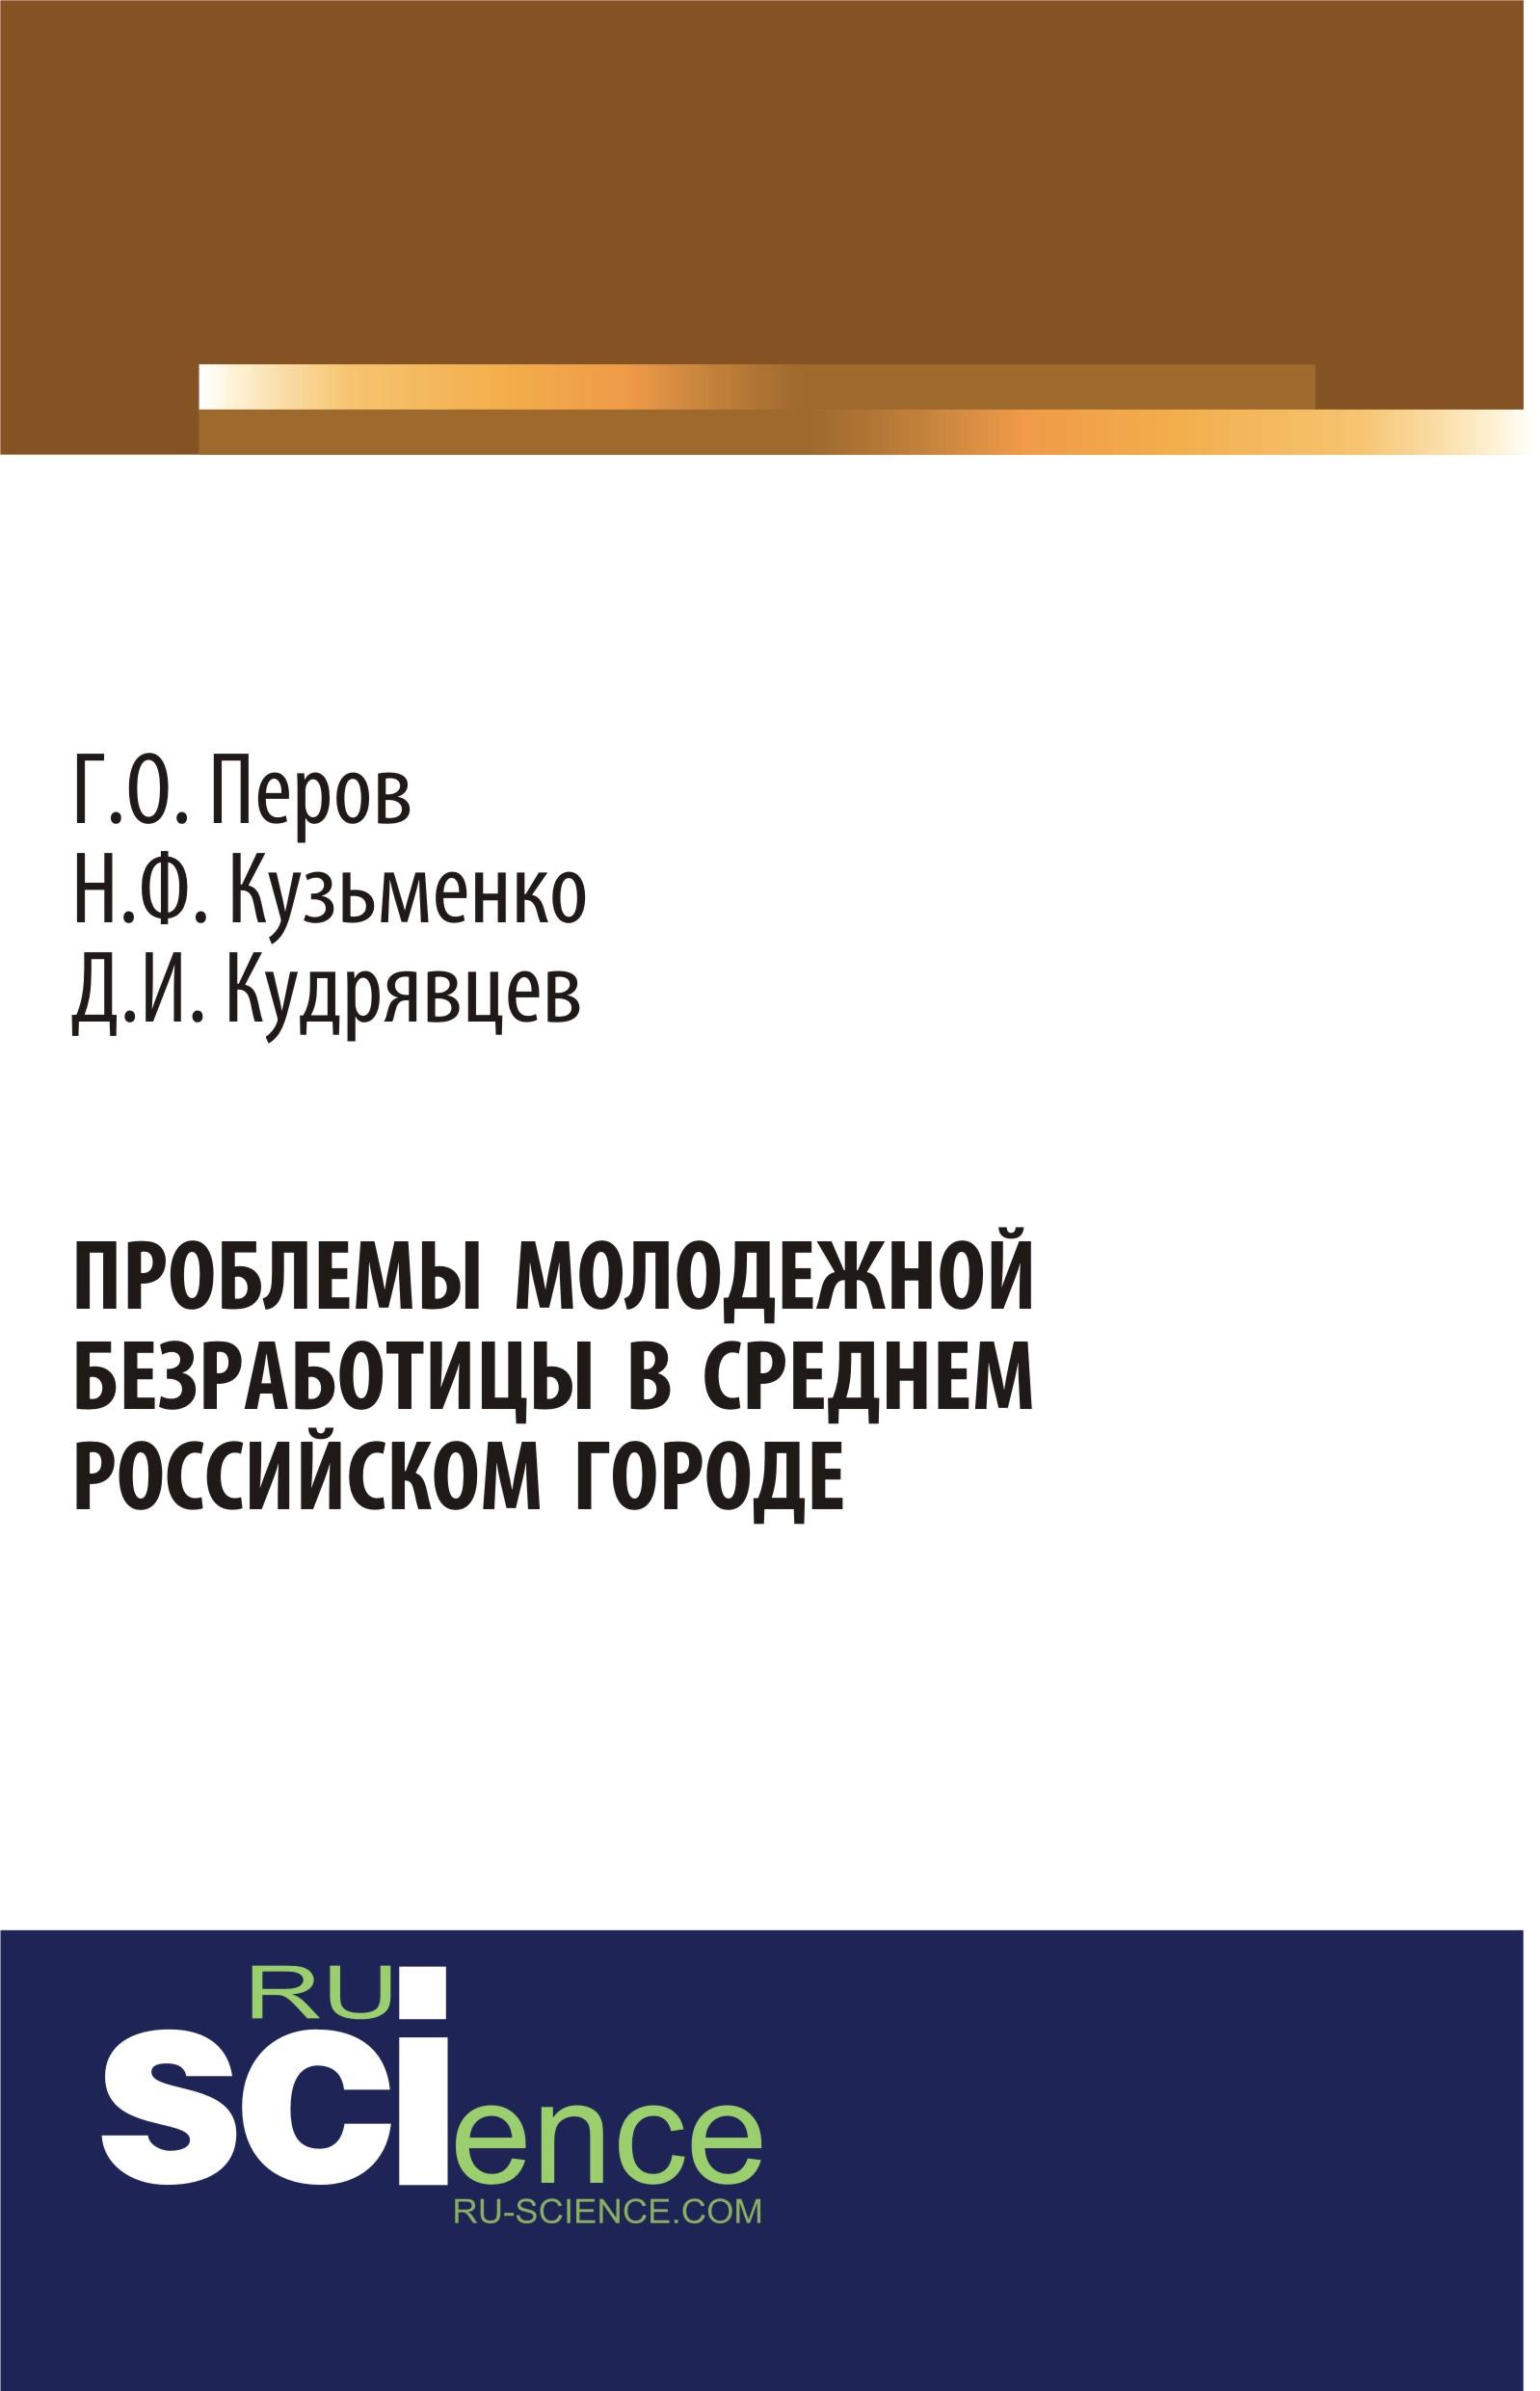 Проблемы молодежной безработицы в среднем российском городе